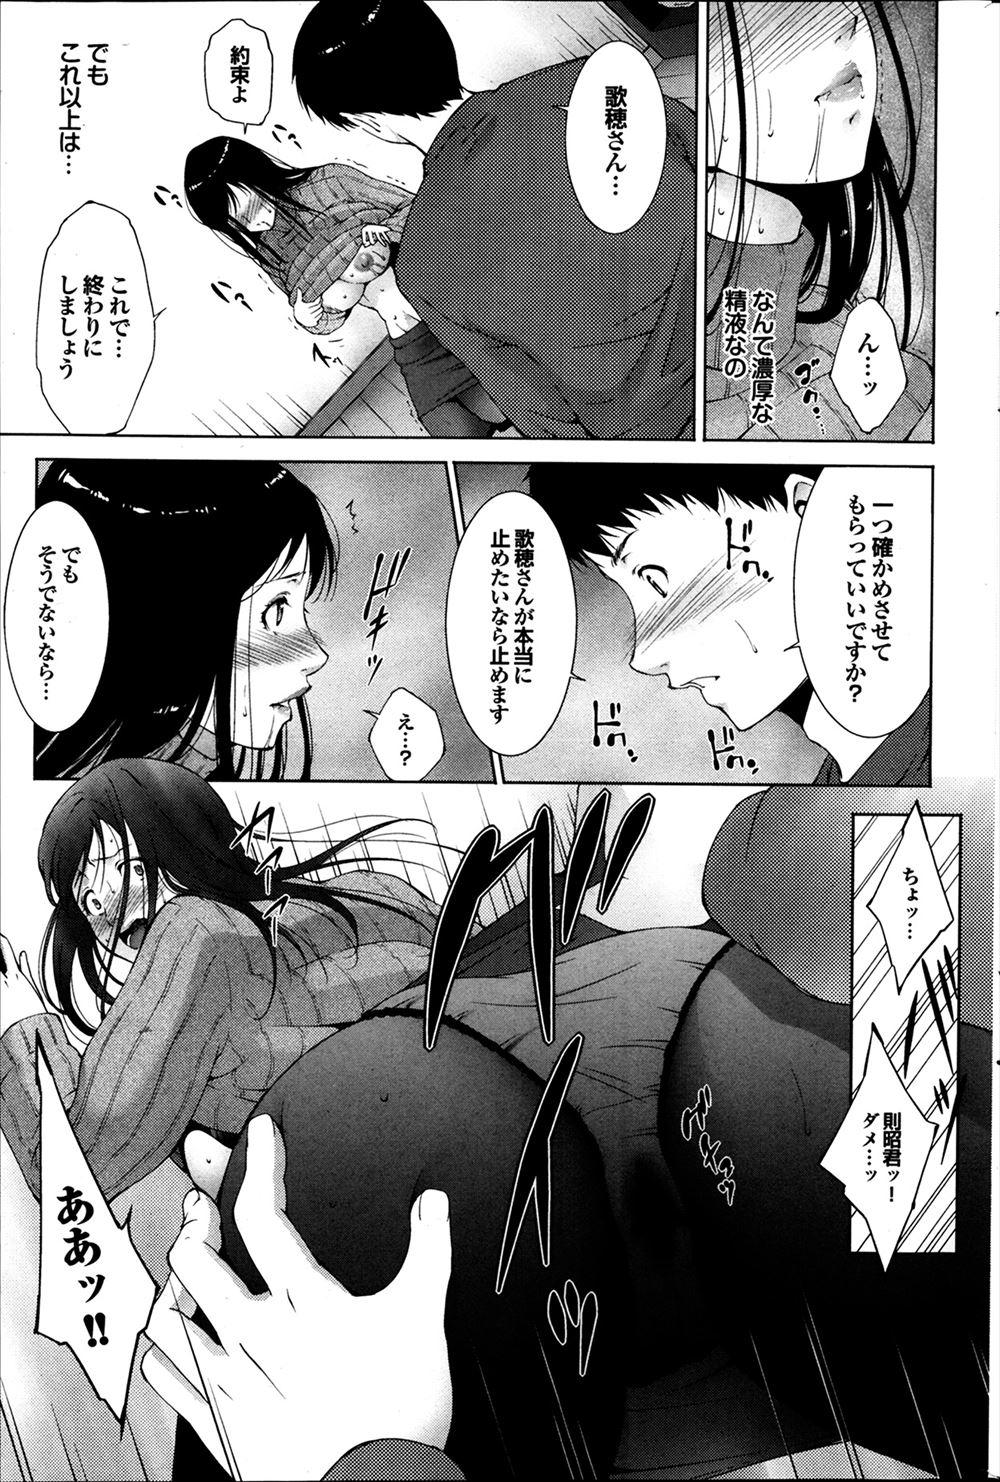 【エロ漫画・エロ同人誌】巨乳人妻から息子の相談受けてたらセックス出来ますたwww (11)